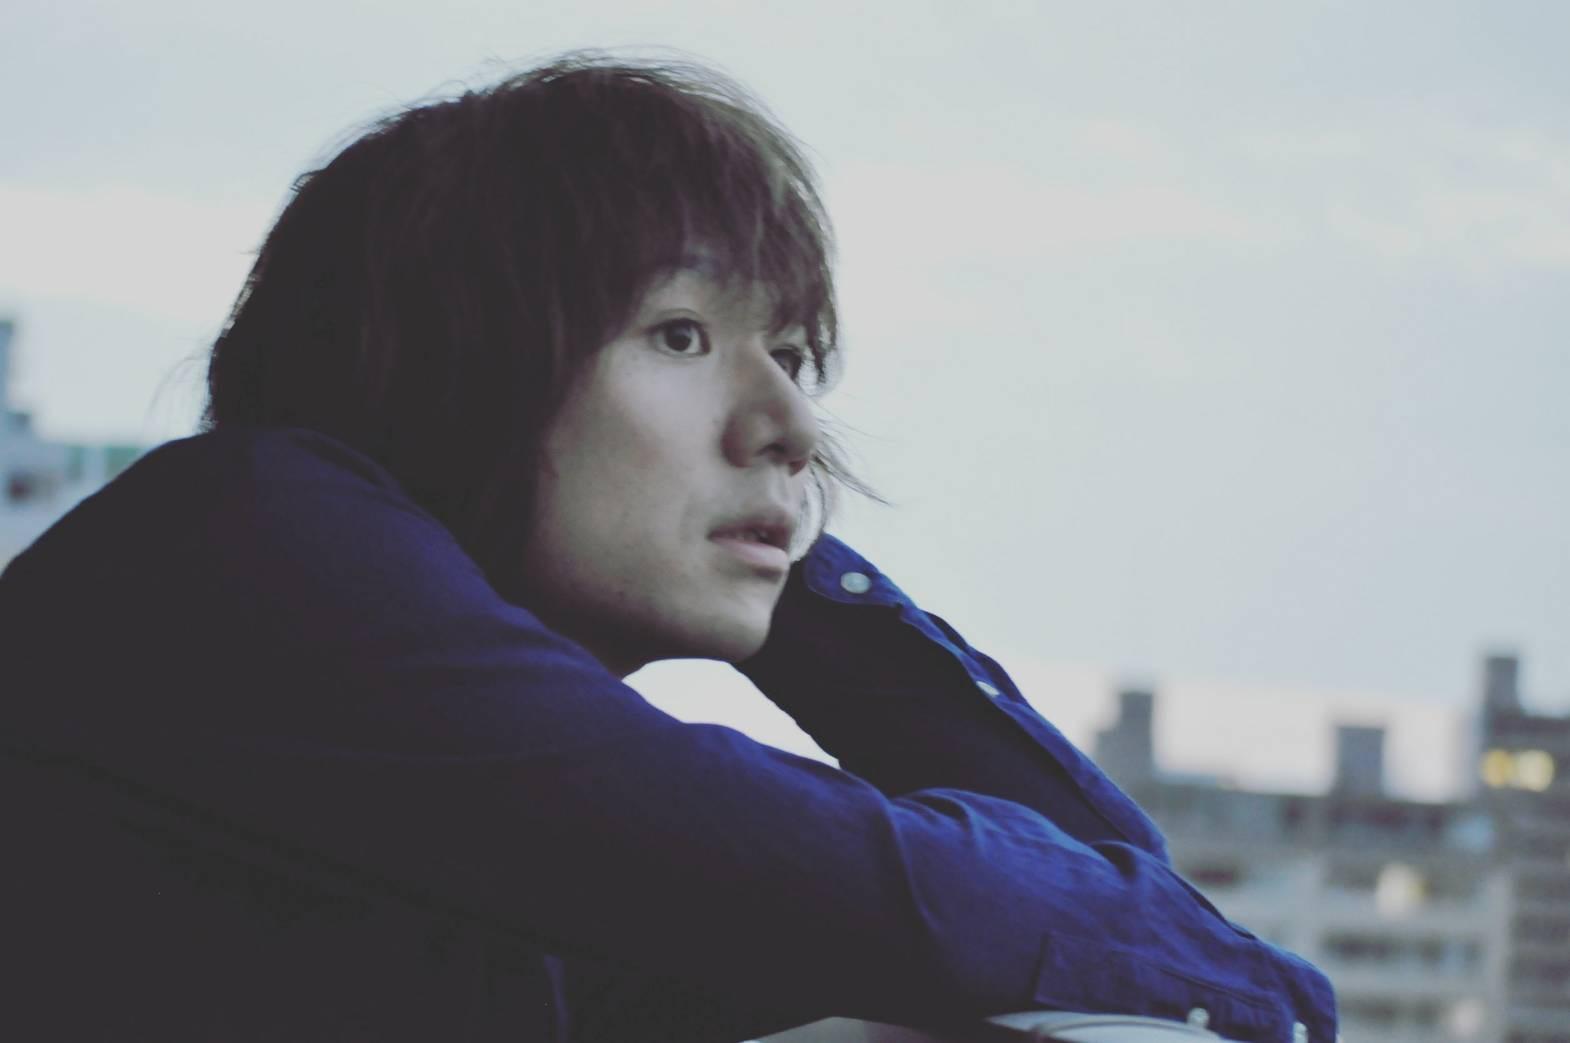 zukan_photo